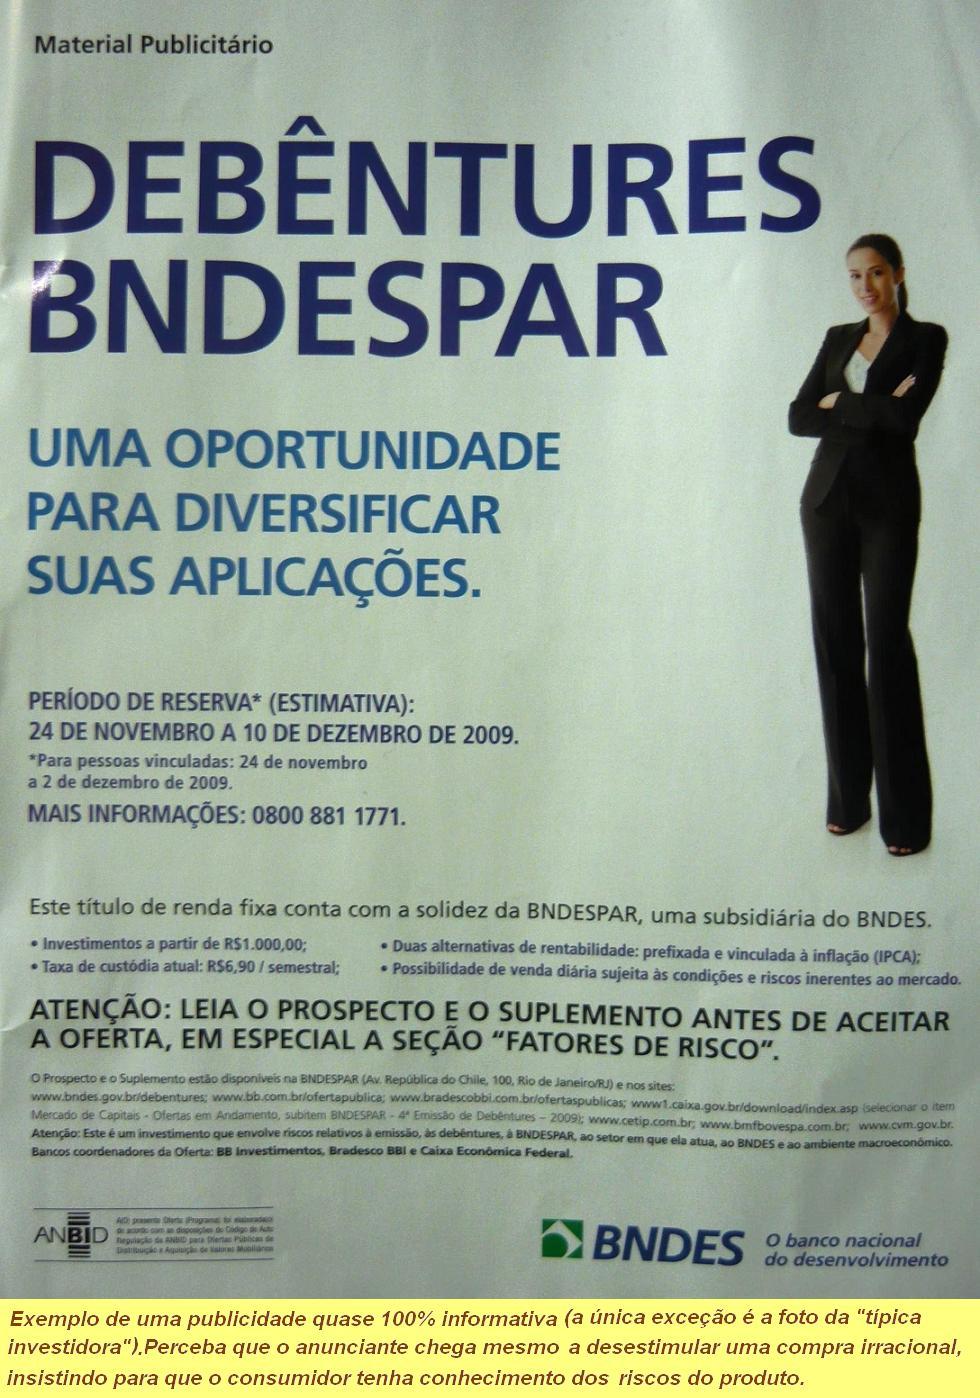 http://4.bp.blogspot.com/_q6IVHMxriNA/SxGJ7VQTX1I/AAAAAAAAA8A/gnkhiLqv39c/s1600/debentures+bndespar.JPG